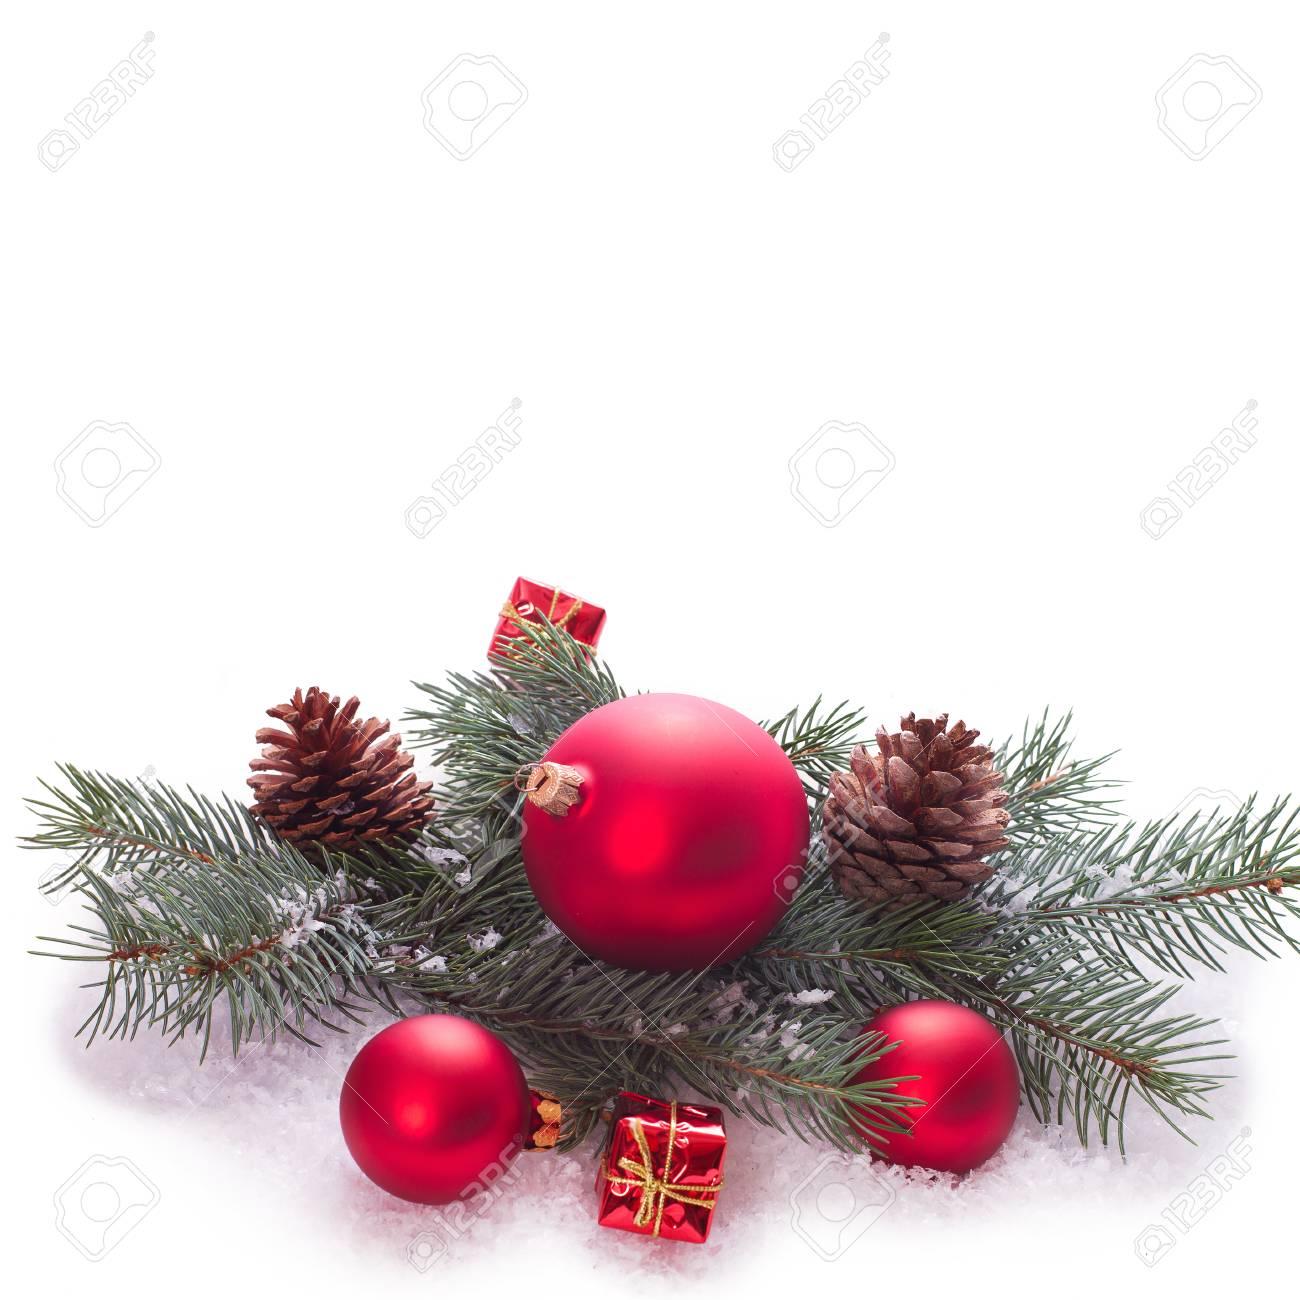 Christmas Ornaments On Christmas Tree Christmas Border With